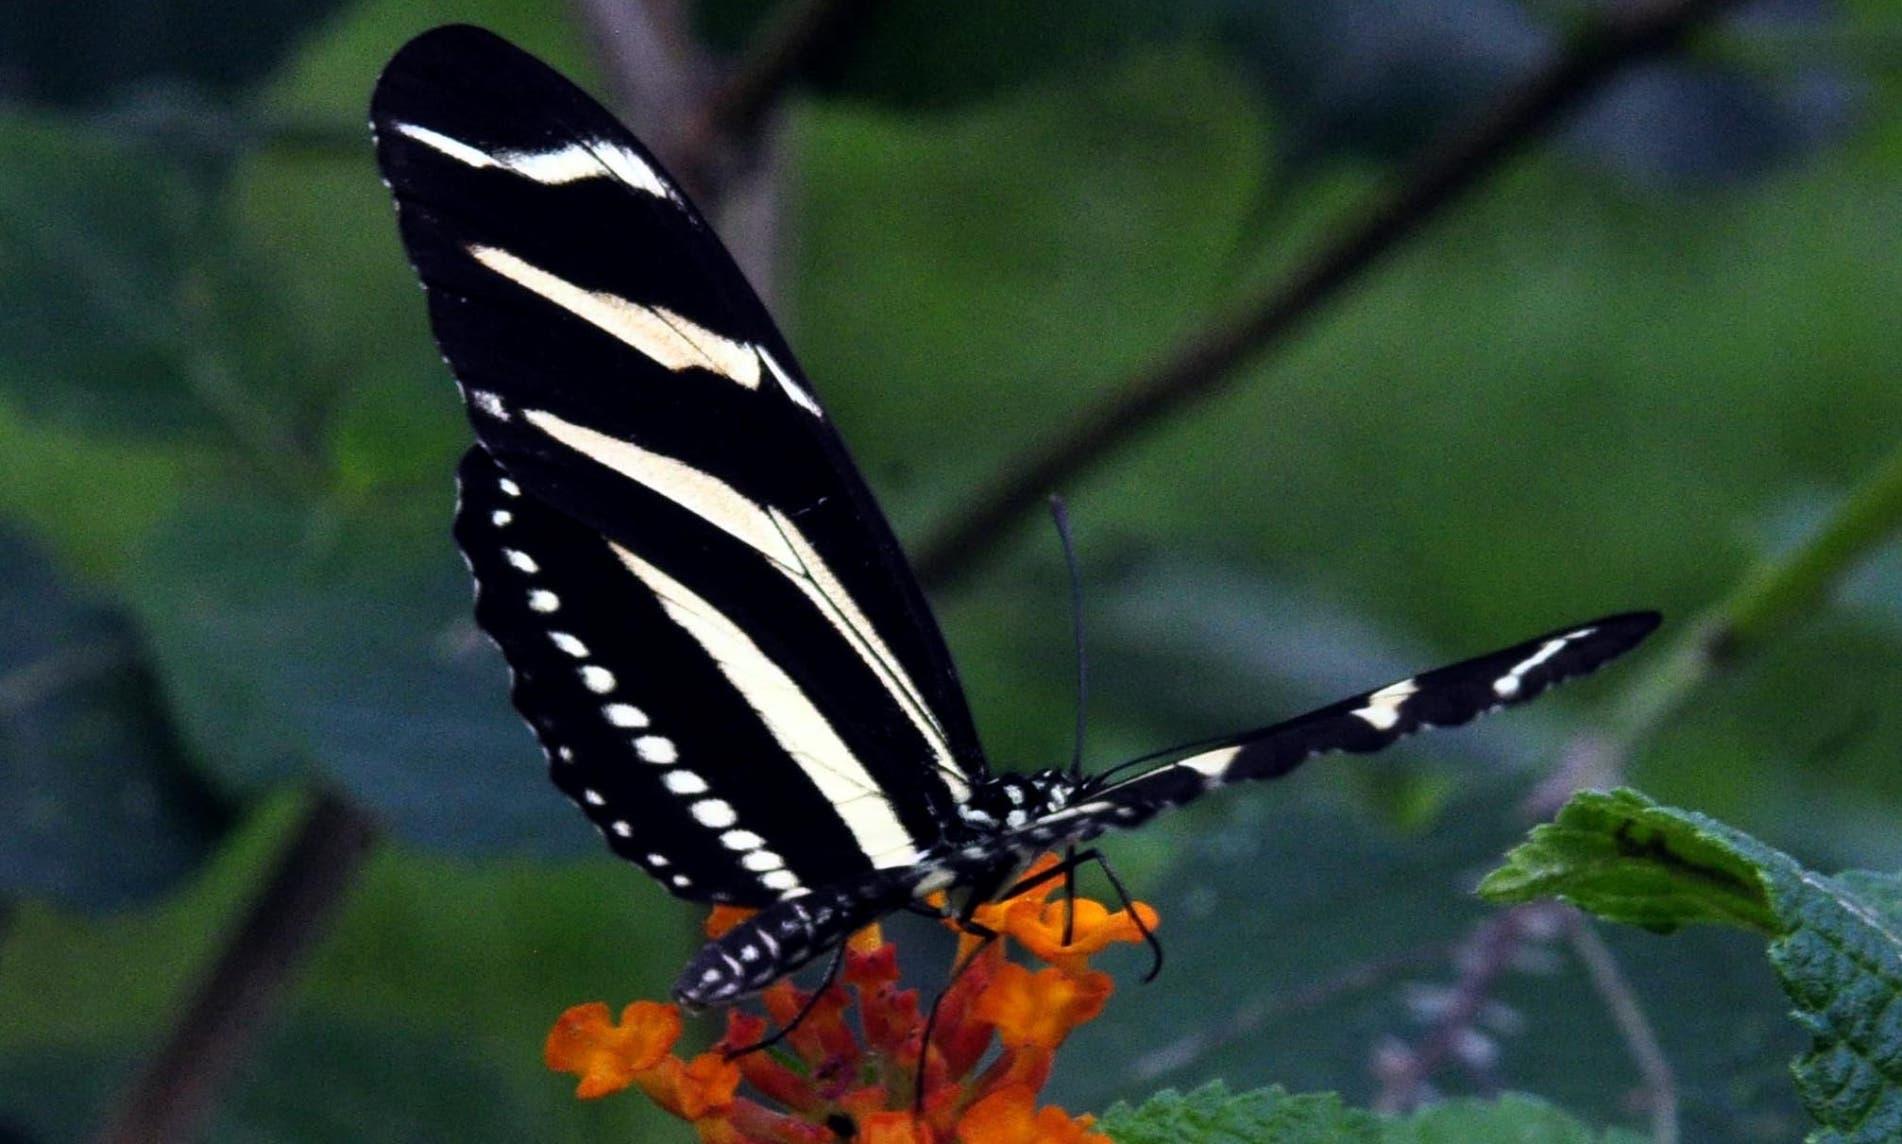 Un espacio dedicado a la naturaleza y la libertad en el Jardín de Mariposas Unphu - Hoy Digital (República Dominicana)